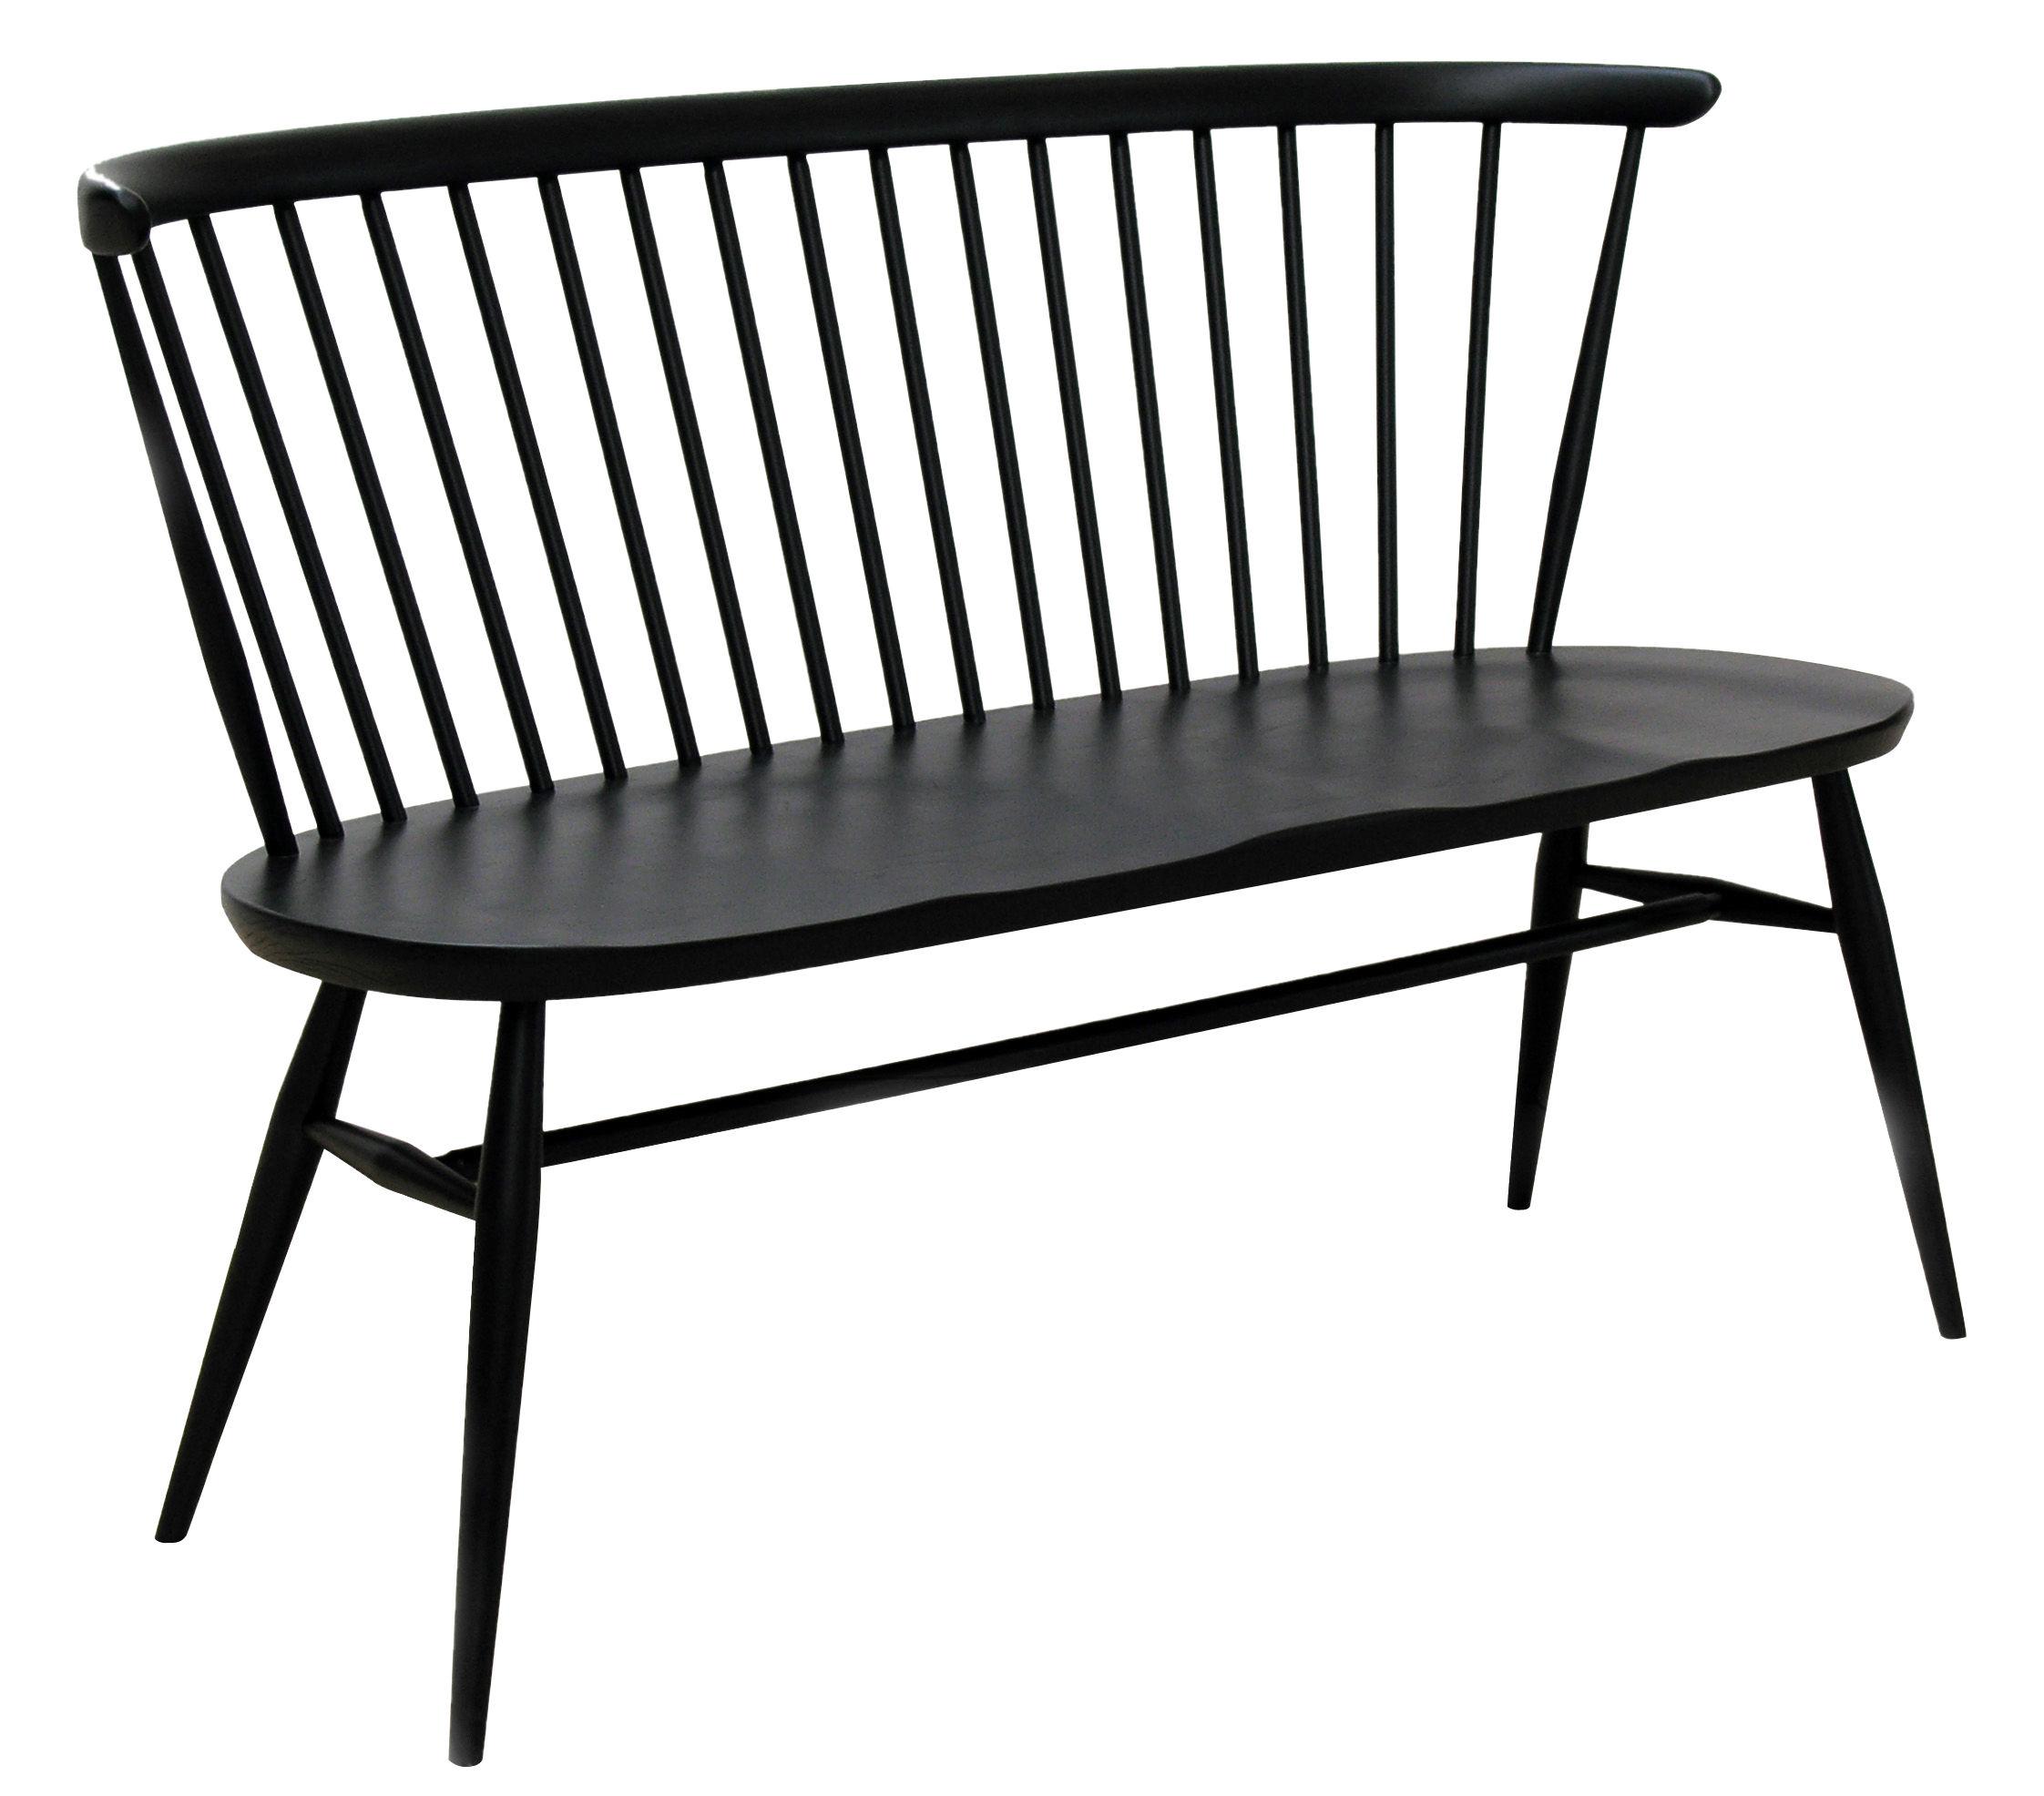 banc avec dossier love seat l 117 cm r dition 1955 bois noir ercol. Black Bedroom Furniture Sets. Home Design Ideas